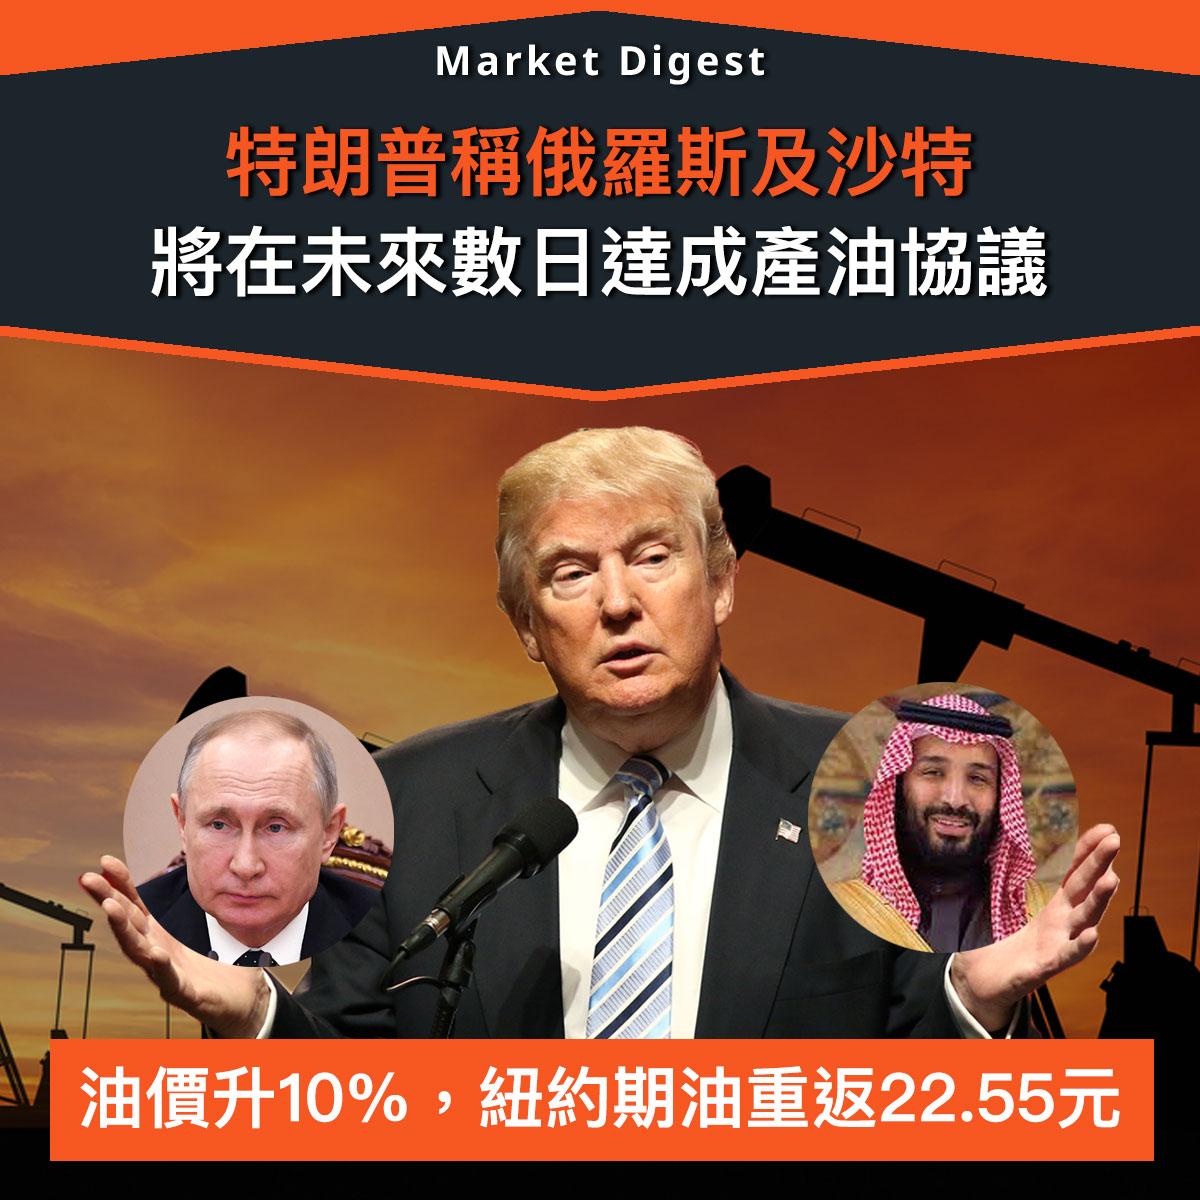 【市場熱話】特朗普稱俄羅斯及沙特將在未來數日達成產油協議